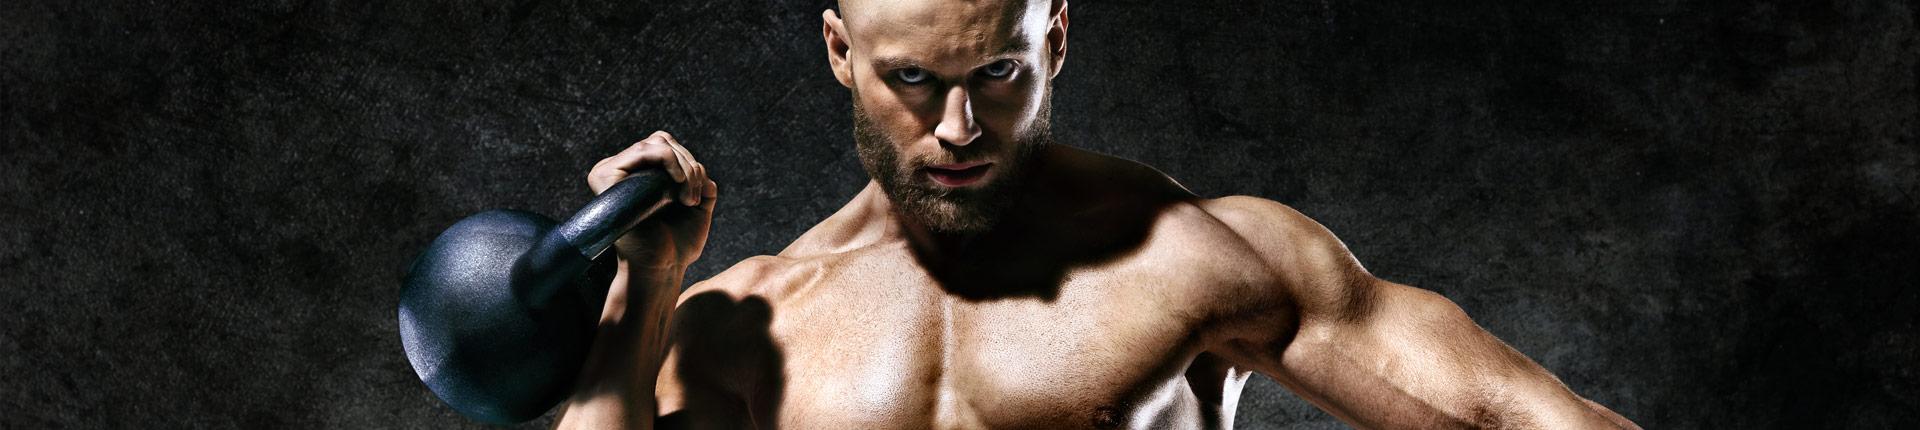 5 najlepszych ćwiczeń z kettlebells na tricepsy